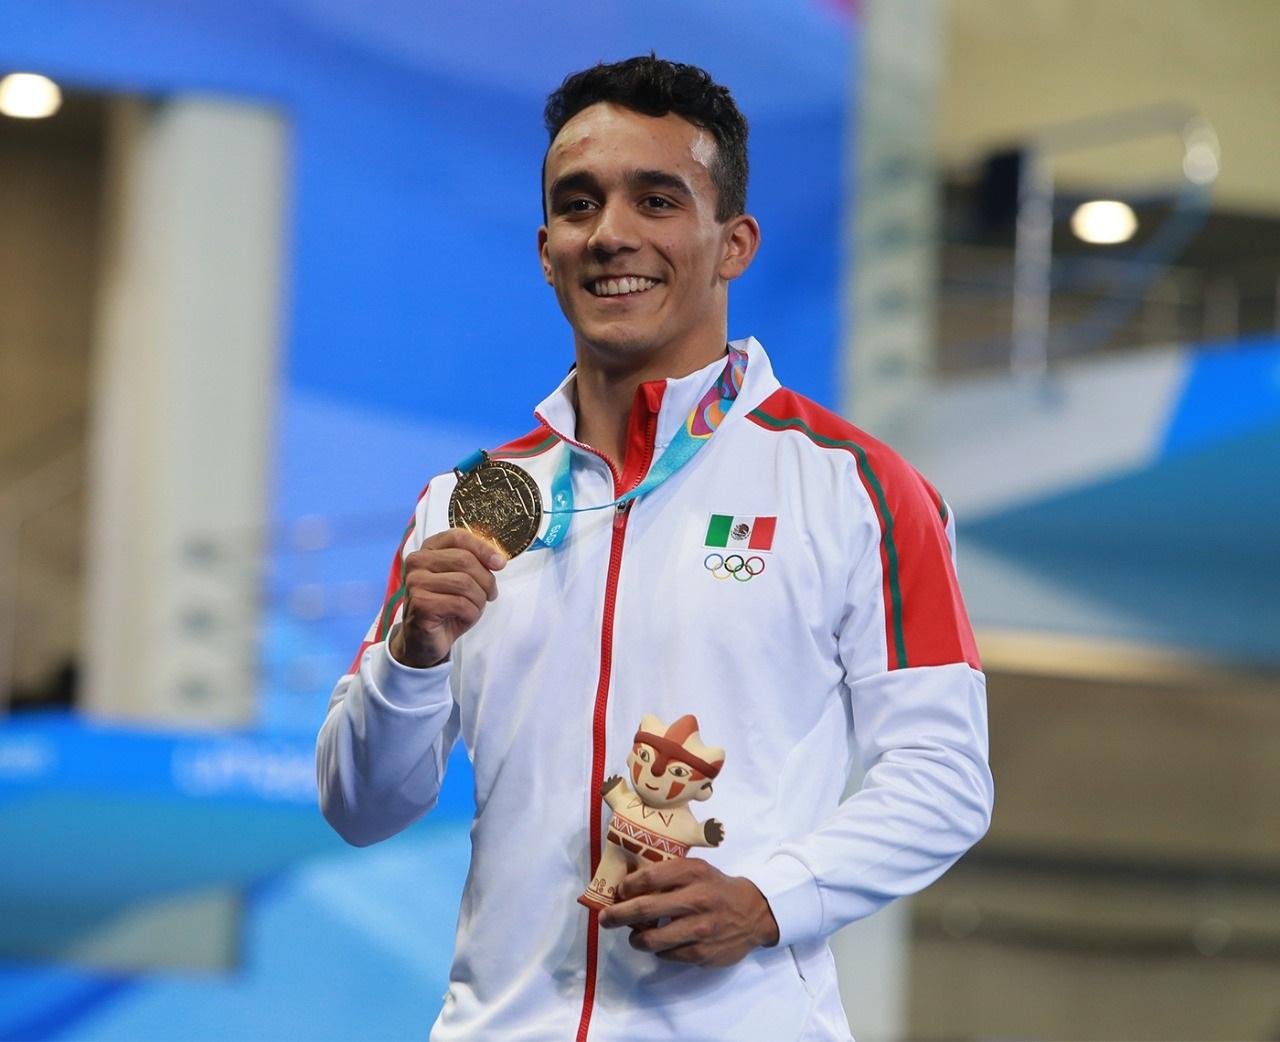 Juan Celaya gana oro en los Juegos Panamericanos 2019